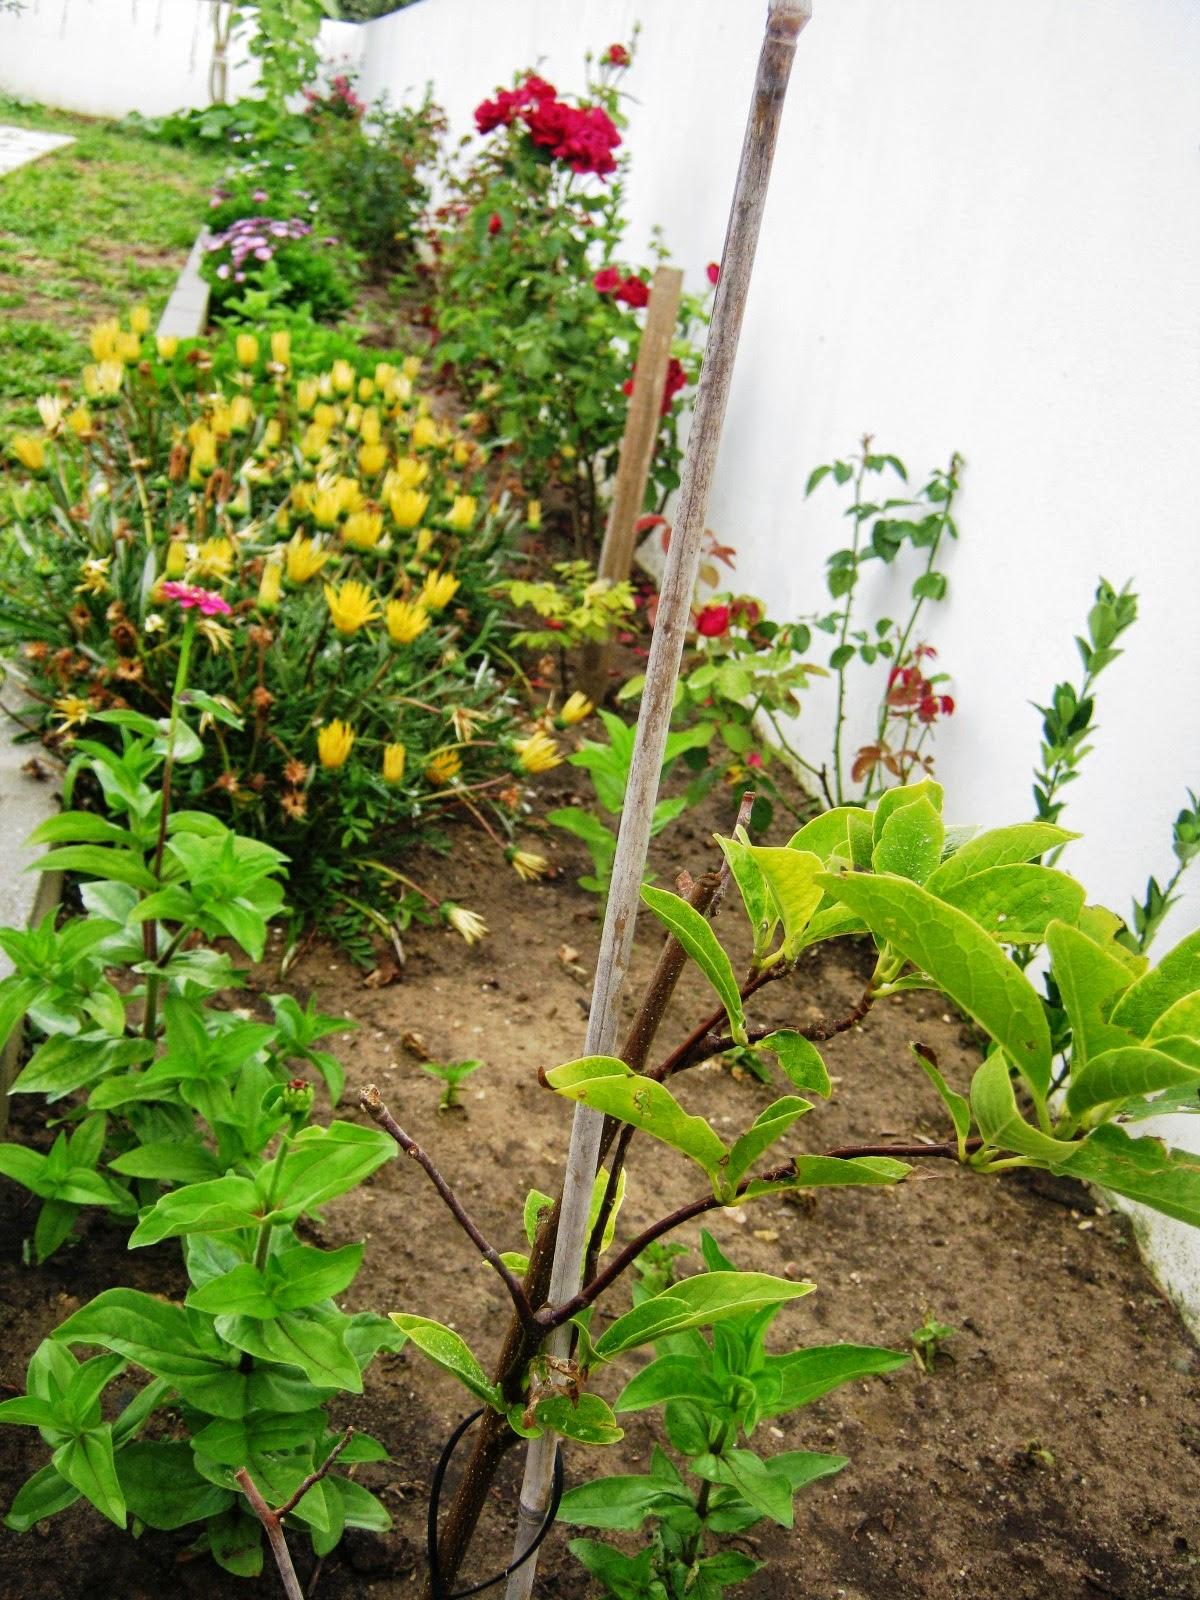 jardim fundo quintal:ESTE É O JARDIM DO FUNDO DO QUINTAL E DO PORTÃO DOS FUNDOS, É MAIS